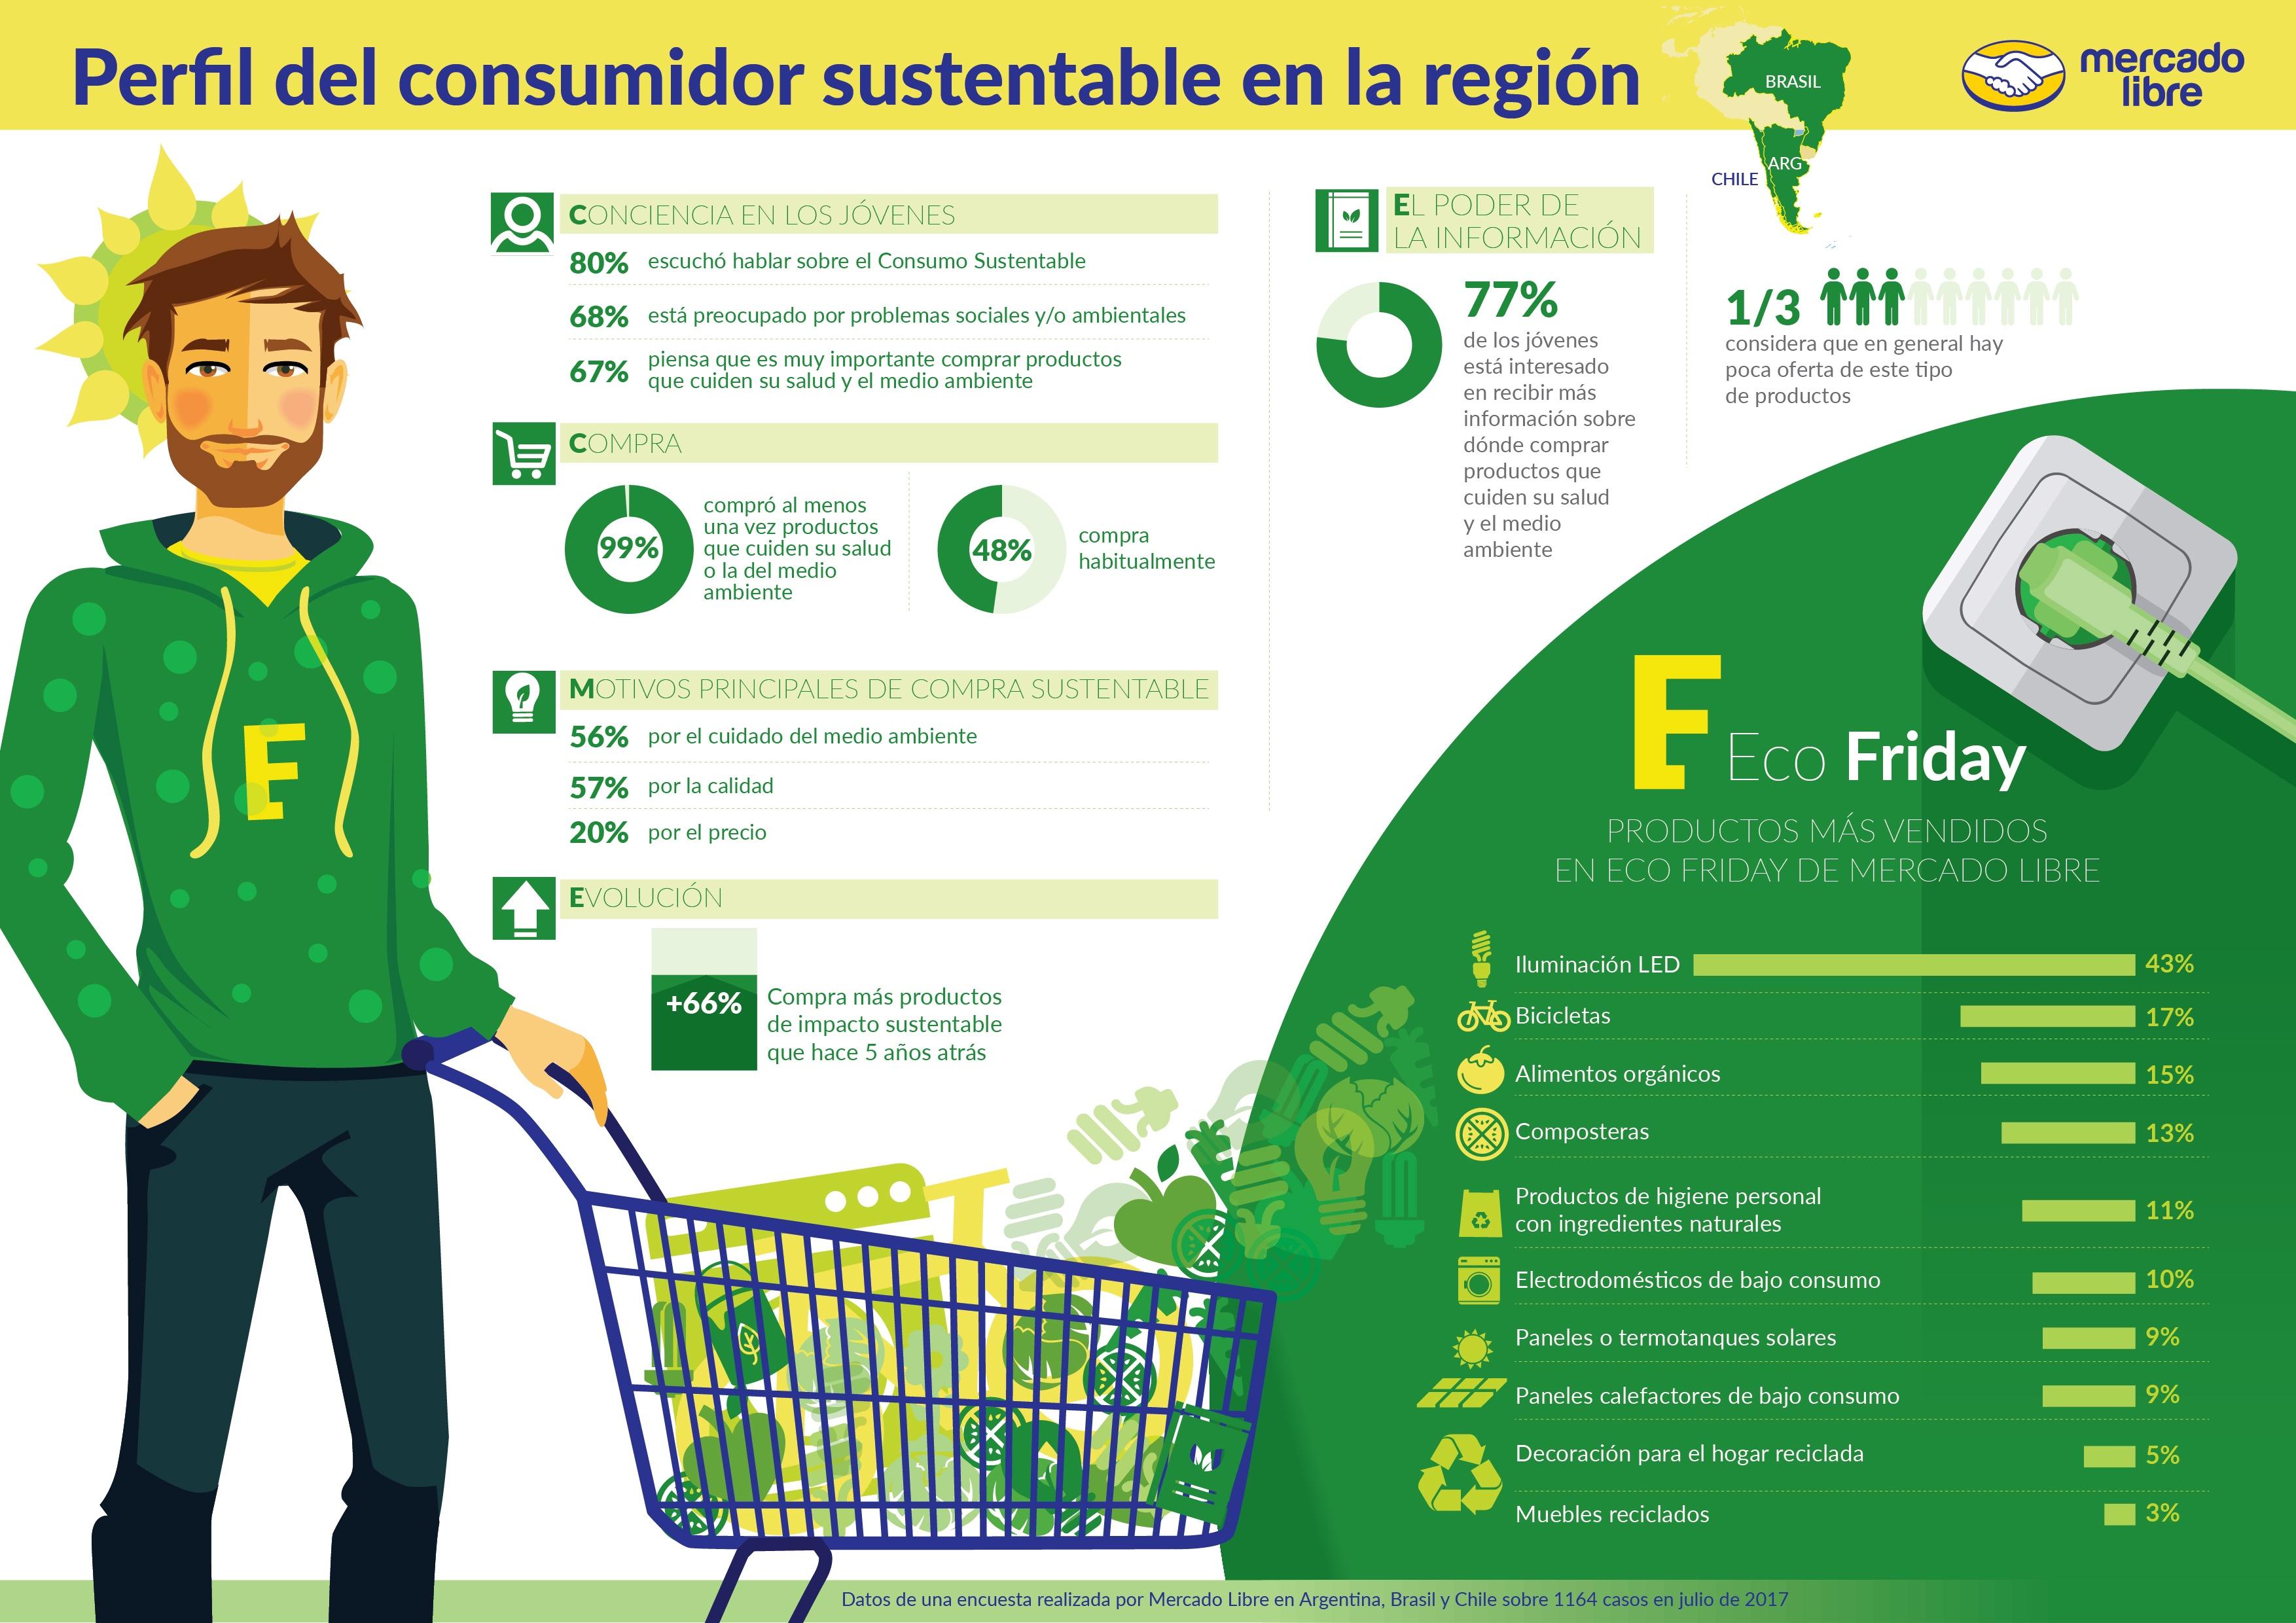 MercadoLibre EcoFriday